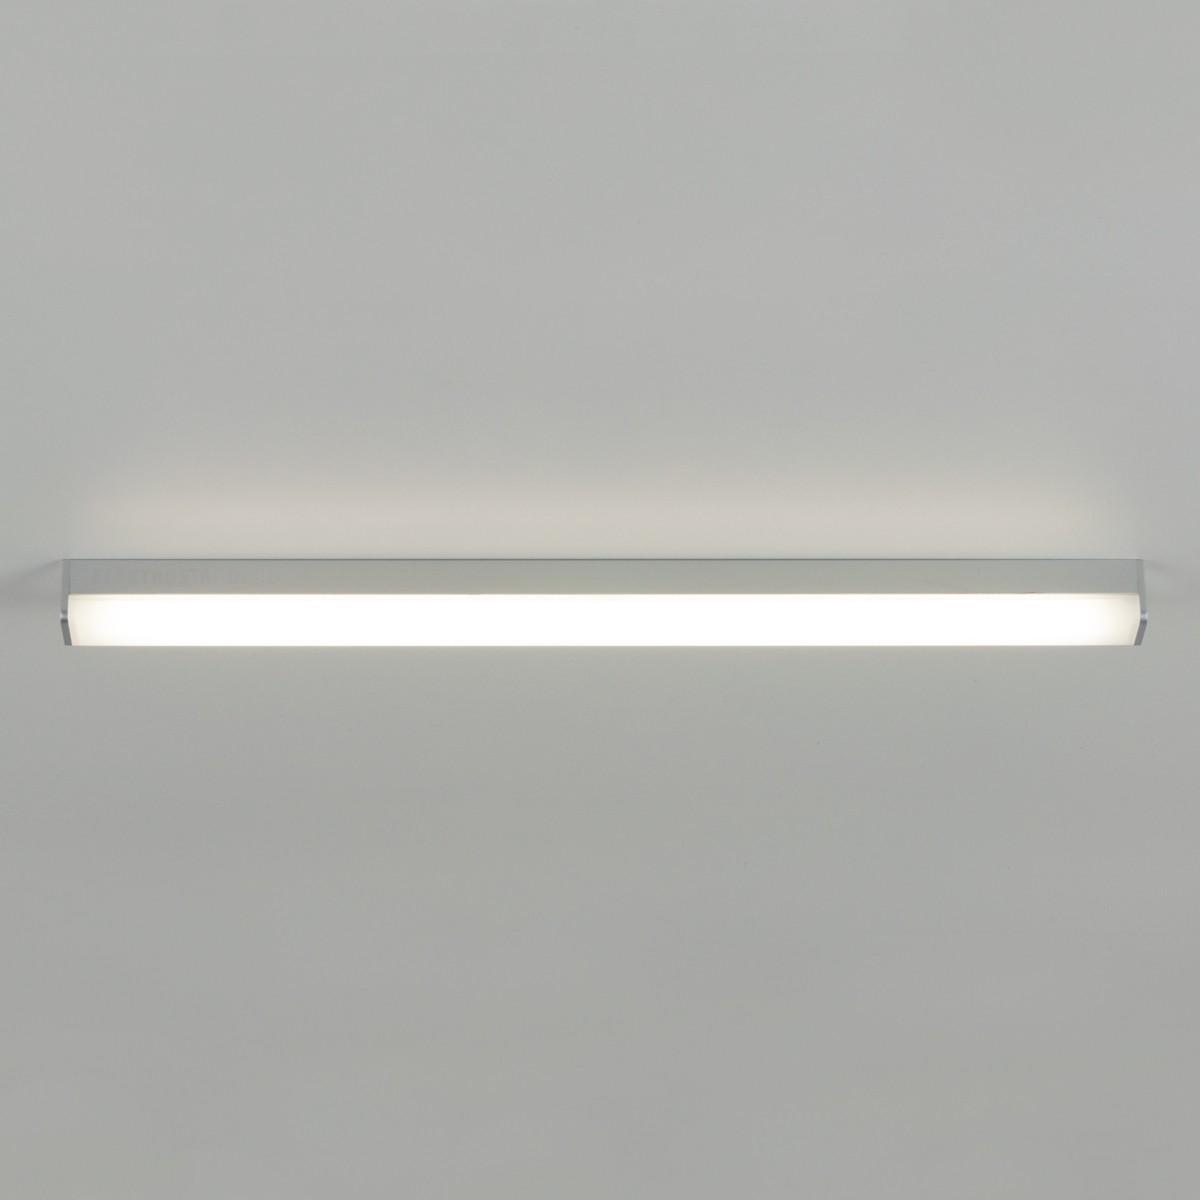 Дополнительное фото 2 товара Накладной светильник Led Stick a035184